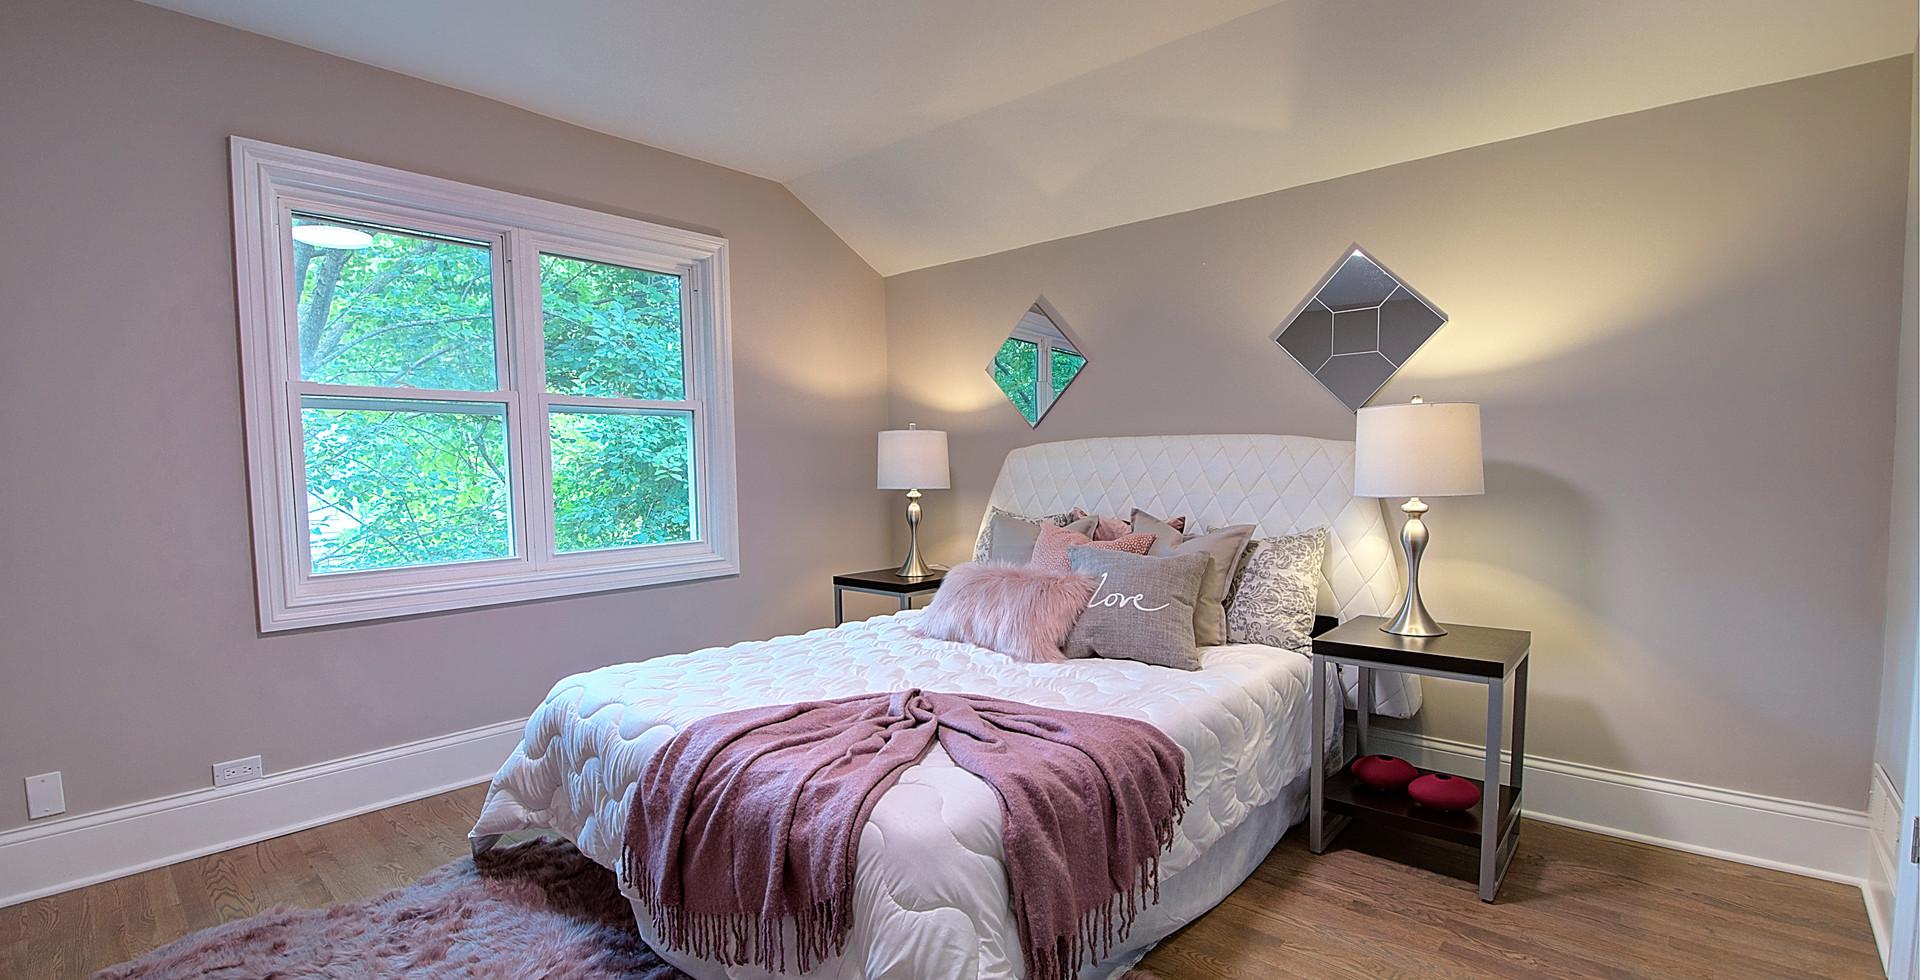 Bedroom in Westchester designed by MRM Home Design.jpg